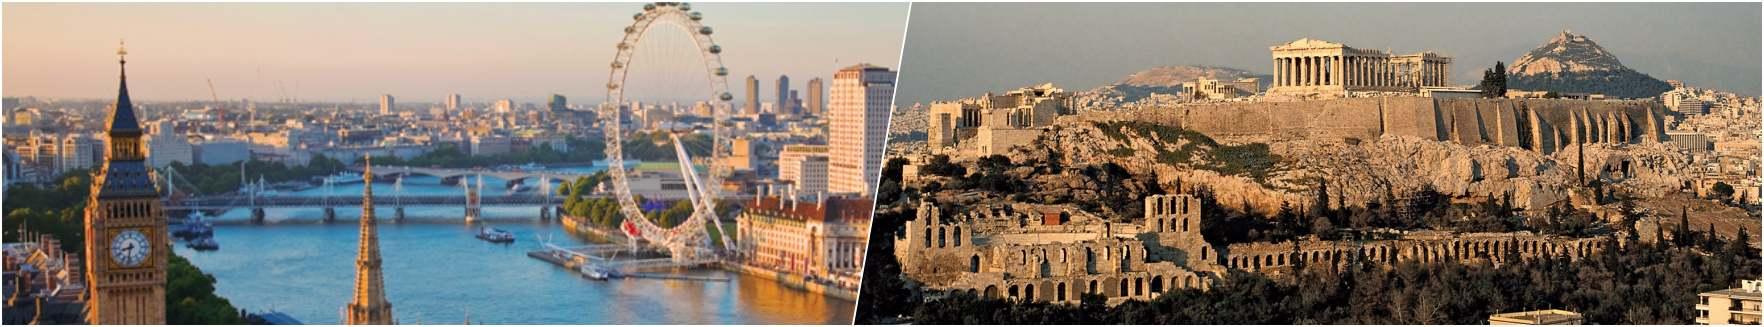 London_Athens